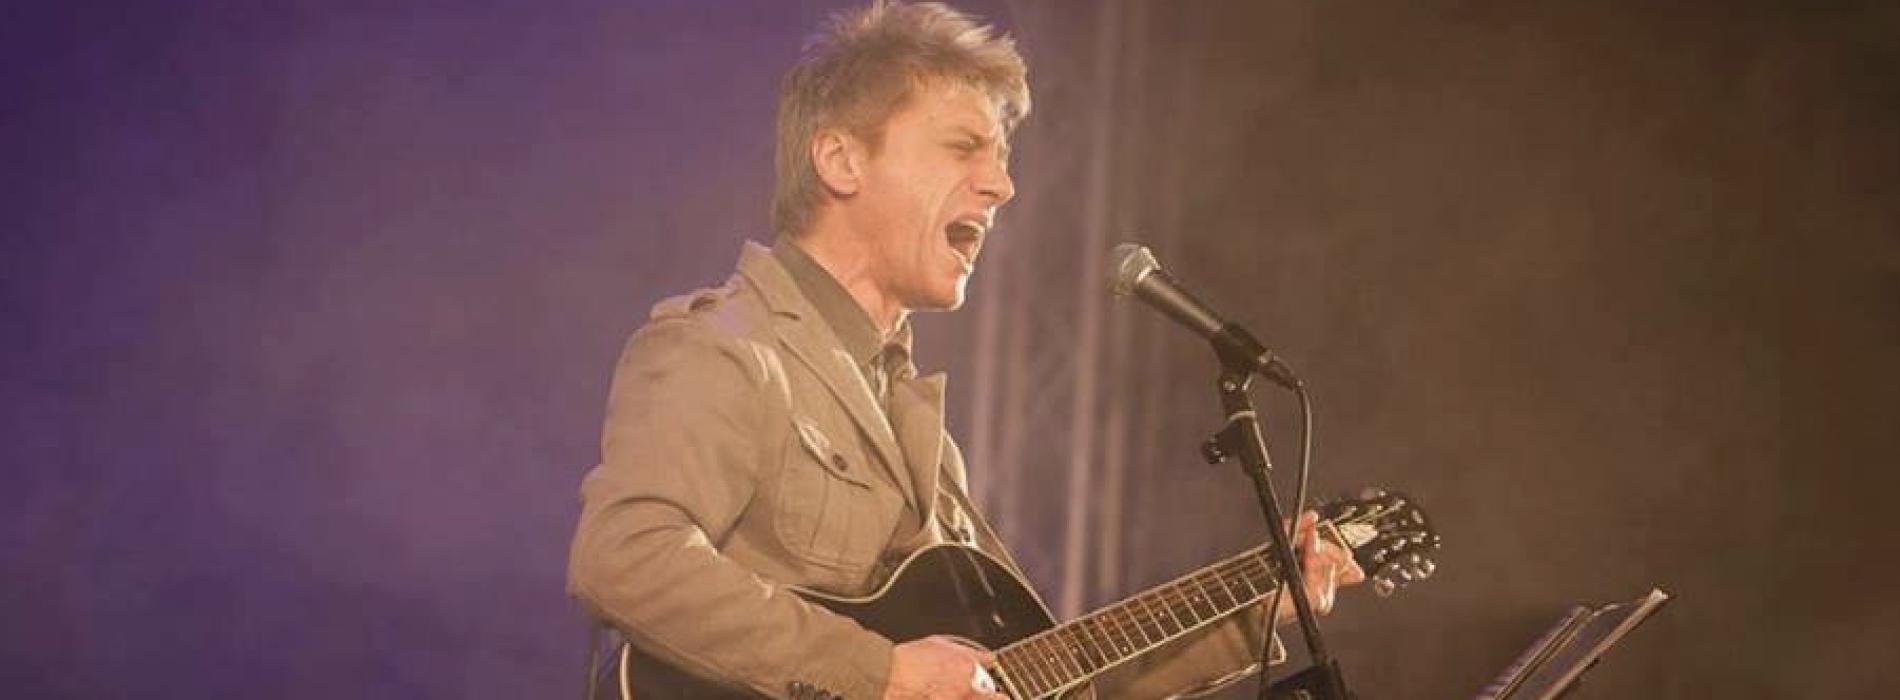 Gino Licata, cantautore ostinato. E il 10 c'è Riccardo Ceres